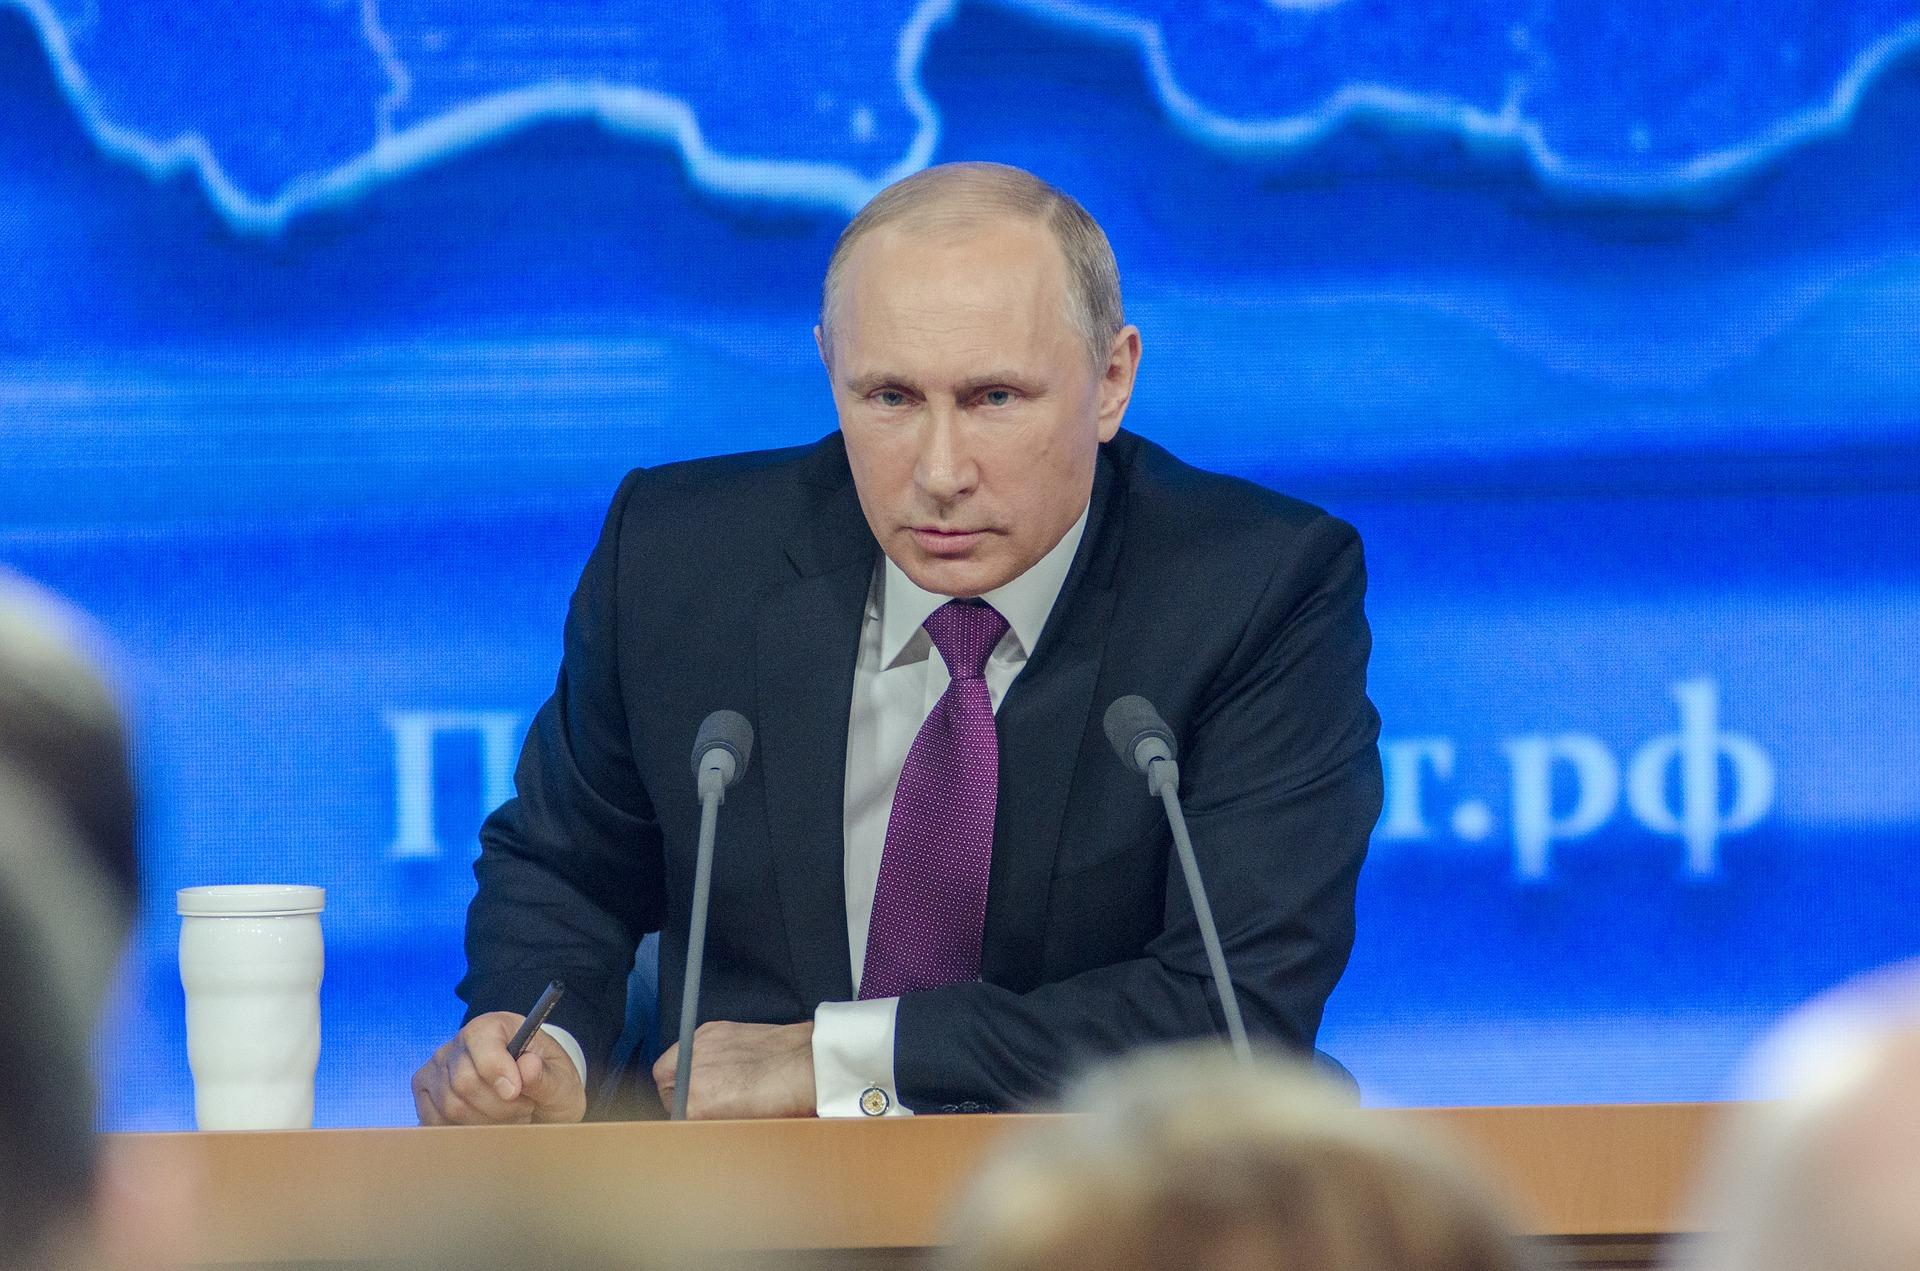 Putin spricht auf einer Pressekonferenz